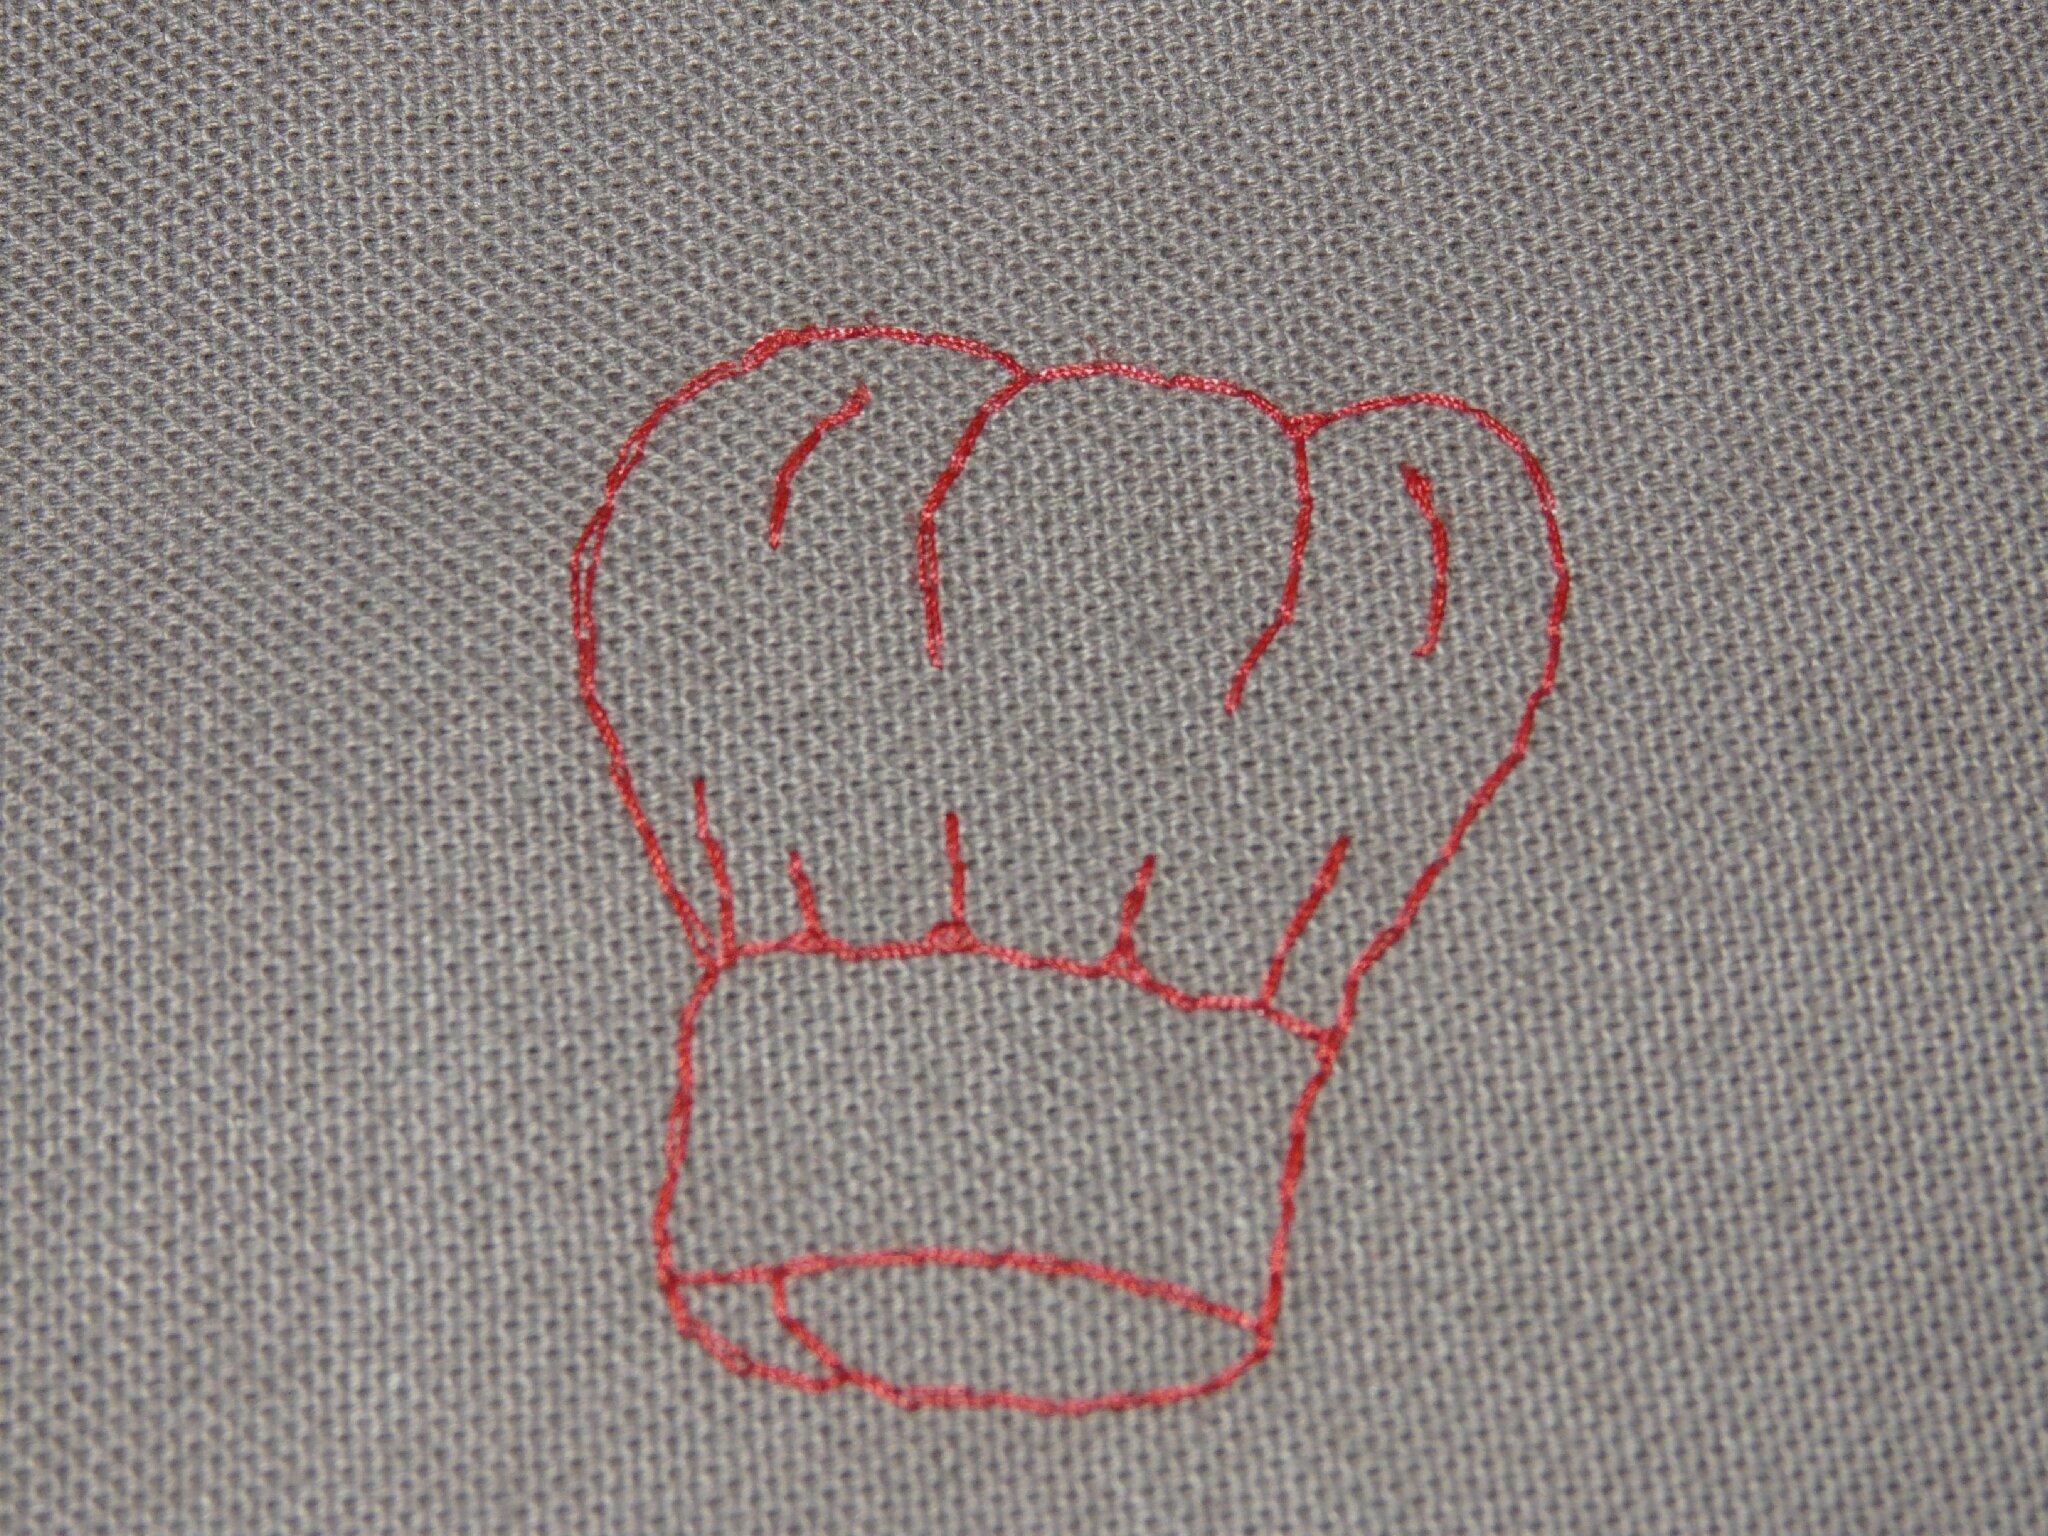 Cuisine, toque de cuisinier